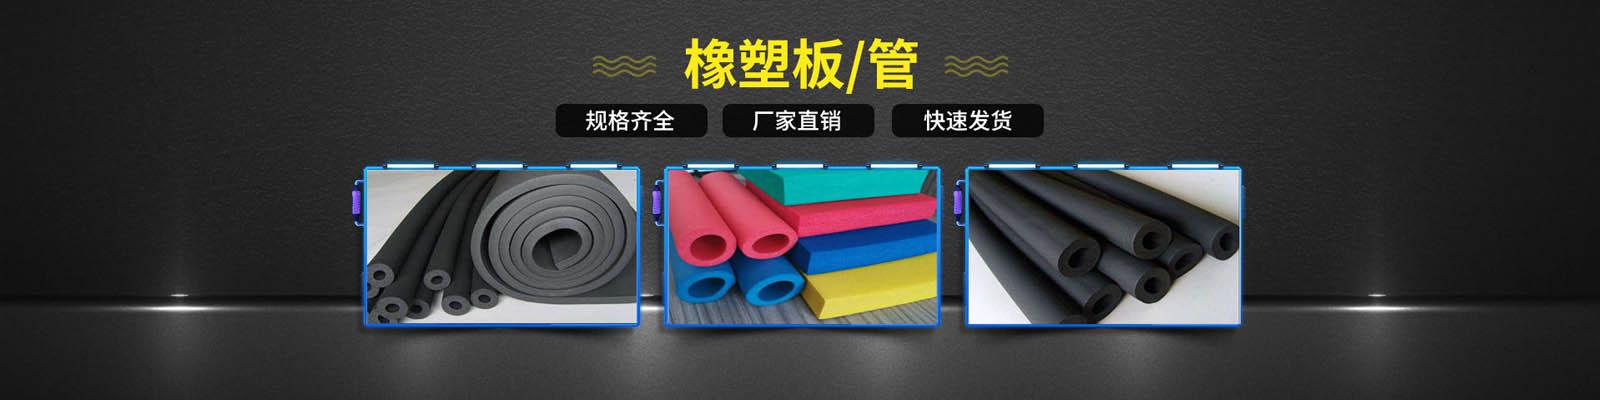 硅酸铝针刺毯,硅酸铝纤维毡,硅酸铝板,硅酸铝保温棉